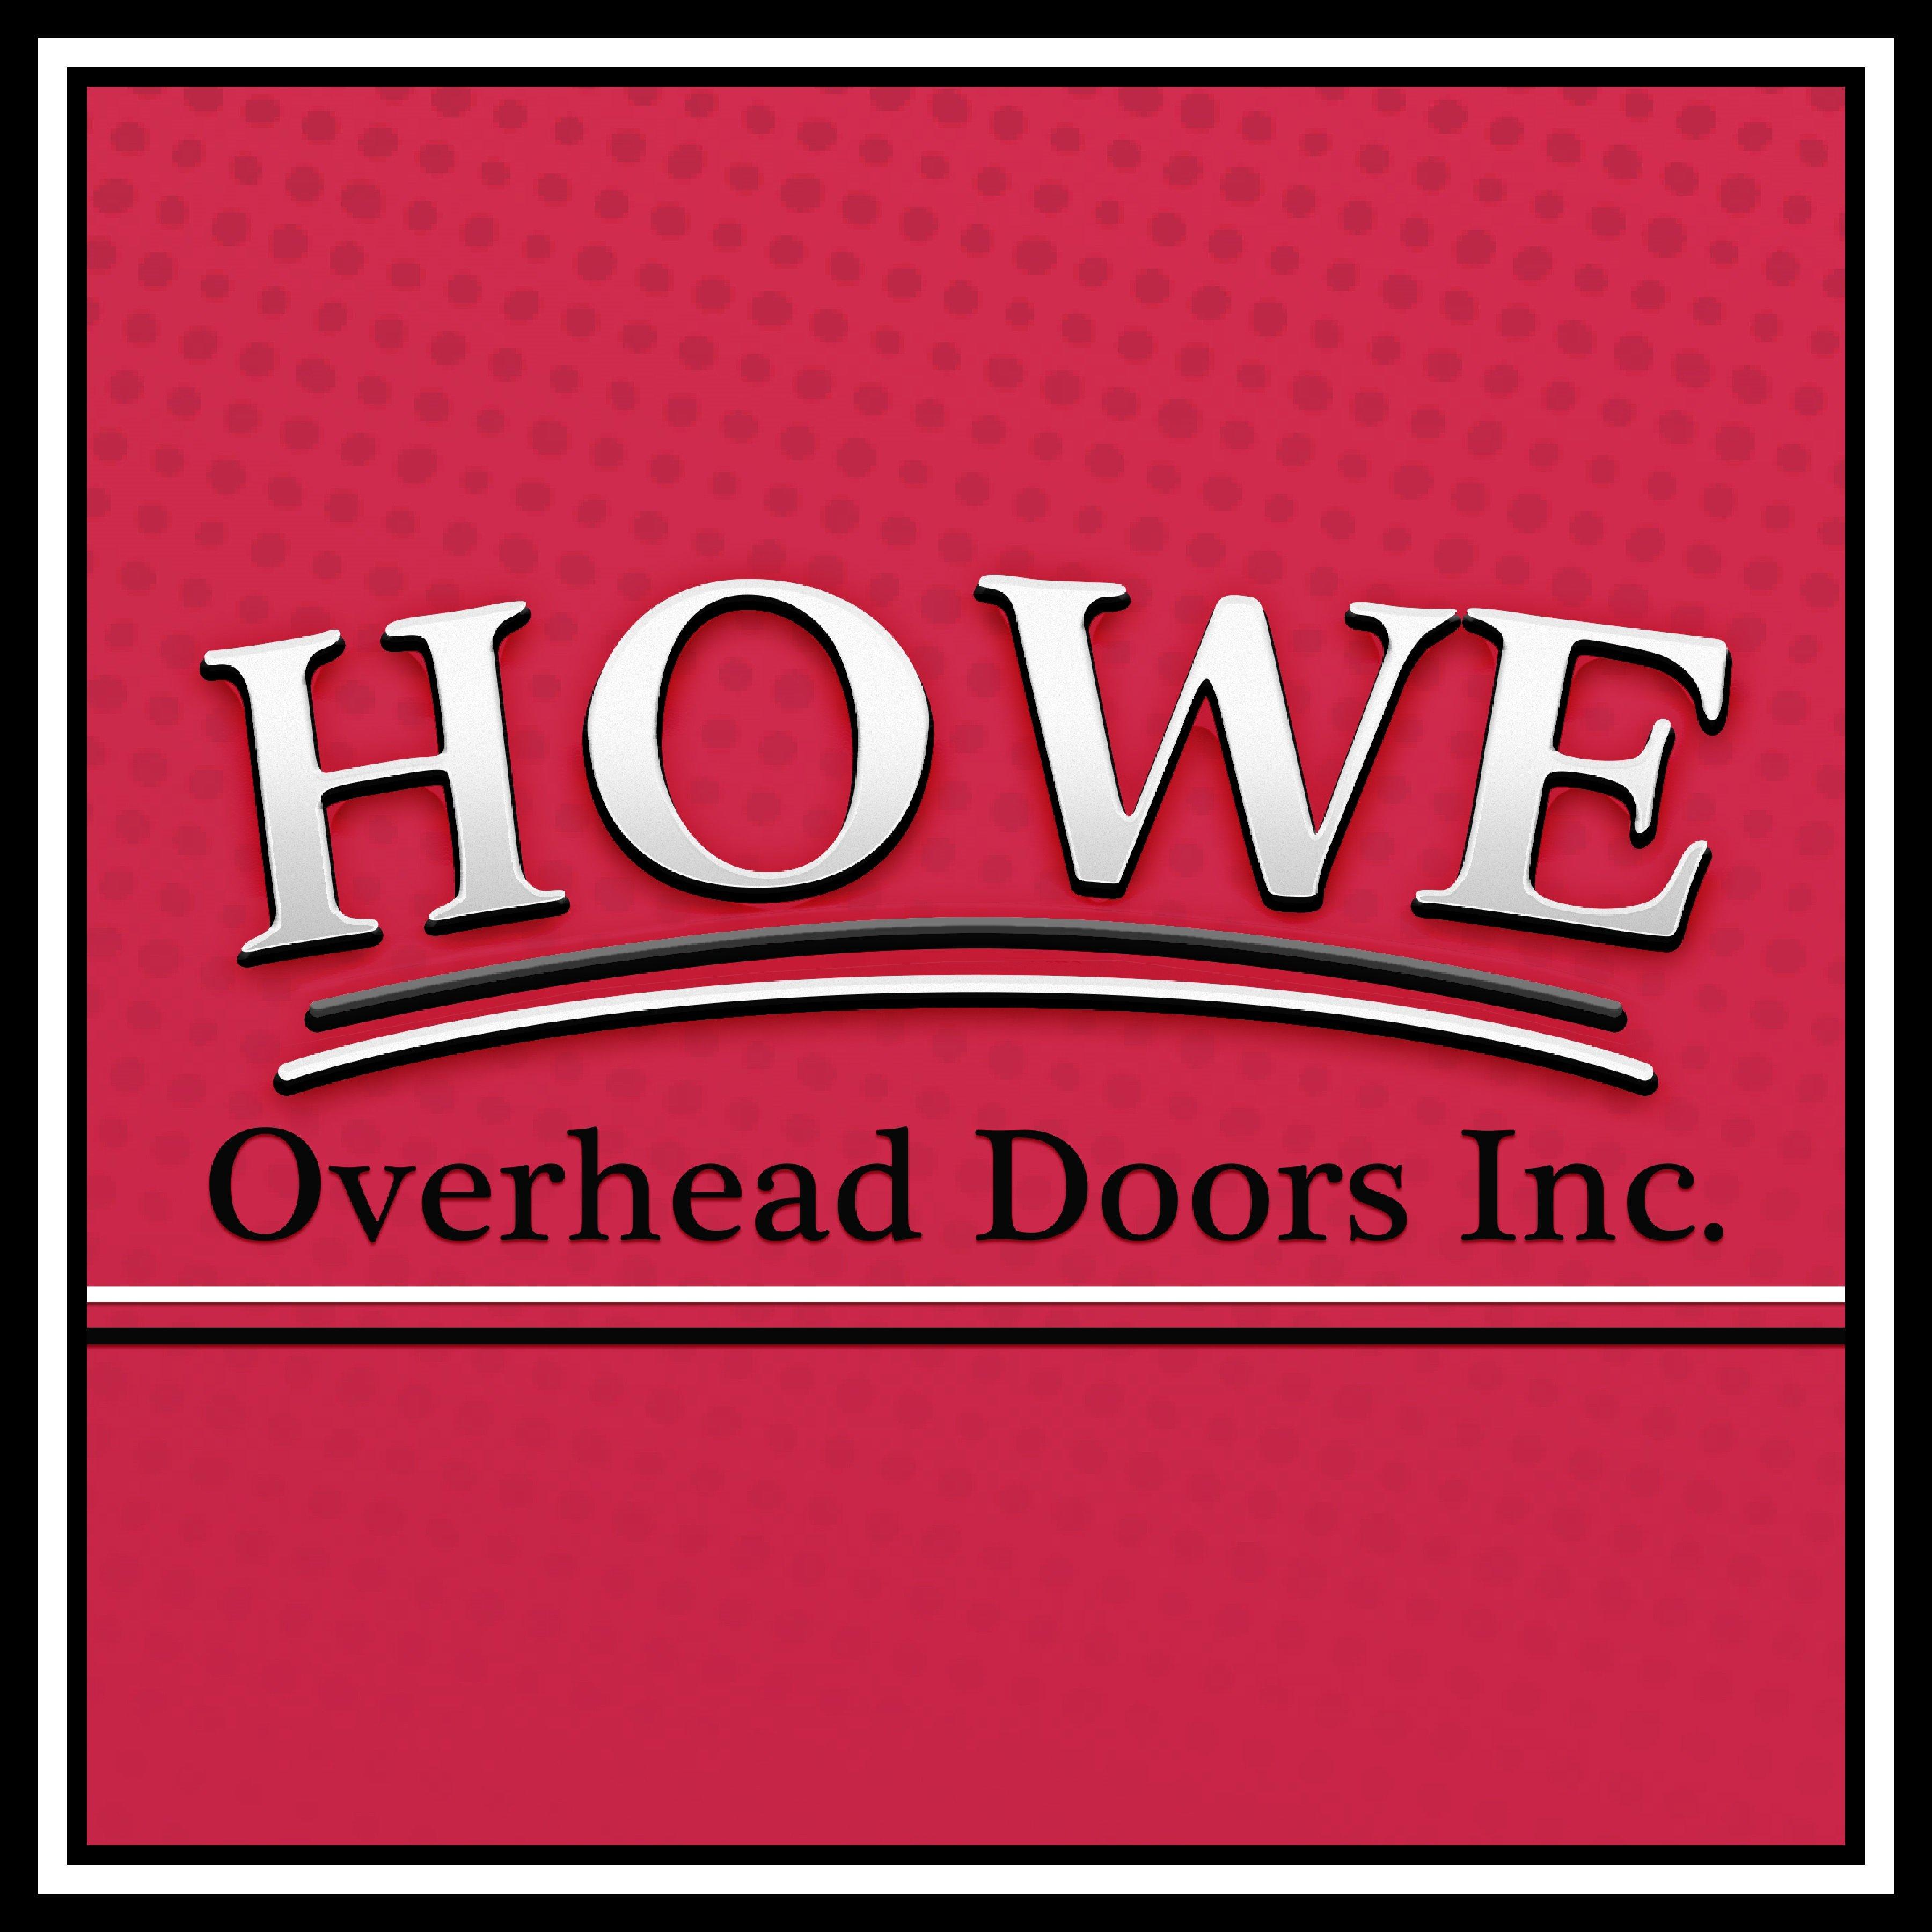 Howe Overhead Doors